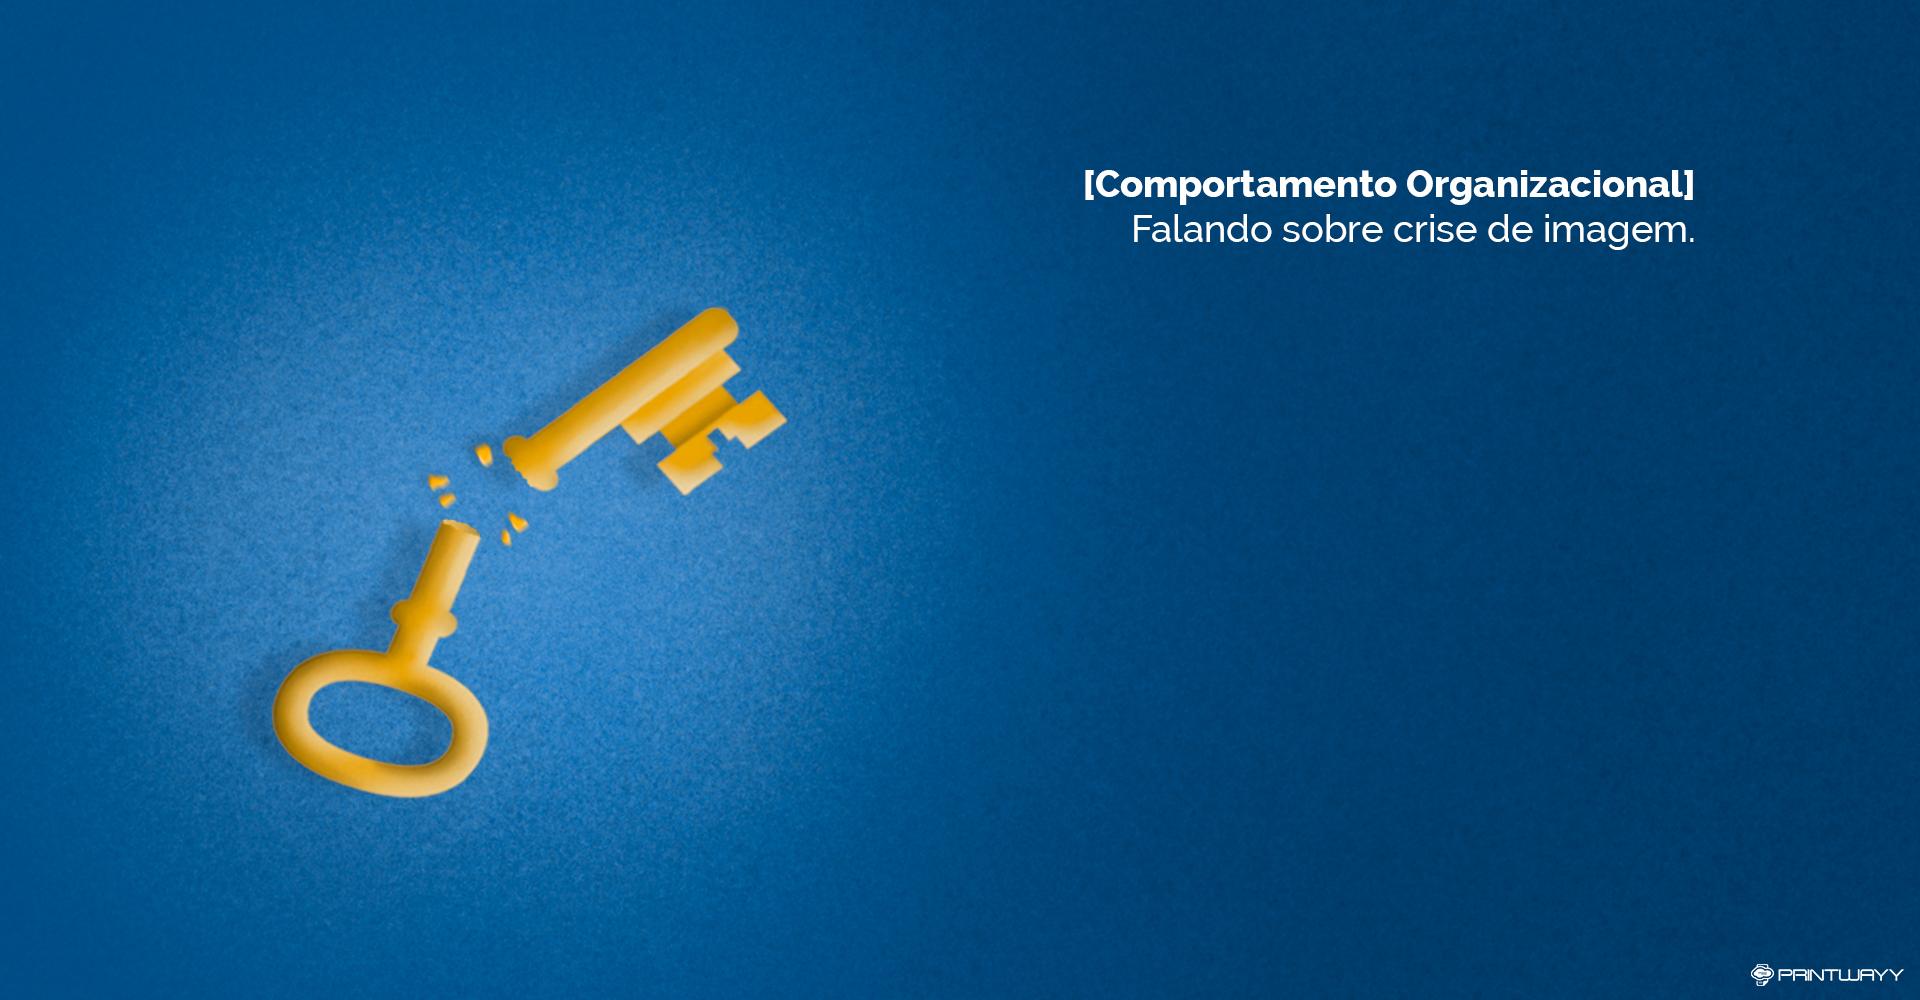 Uma chave dourada quebrada, junto dela alguns farelos. Representa a crise de imagem.